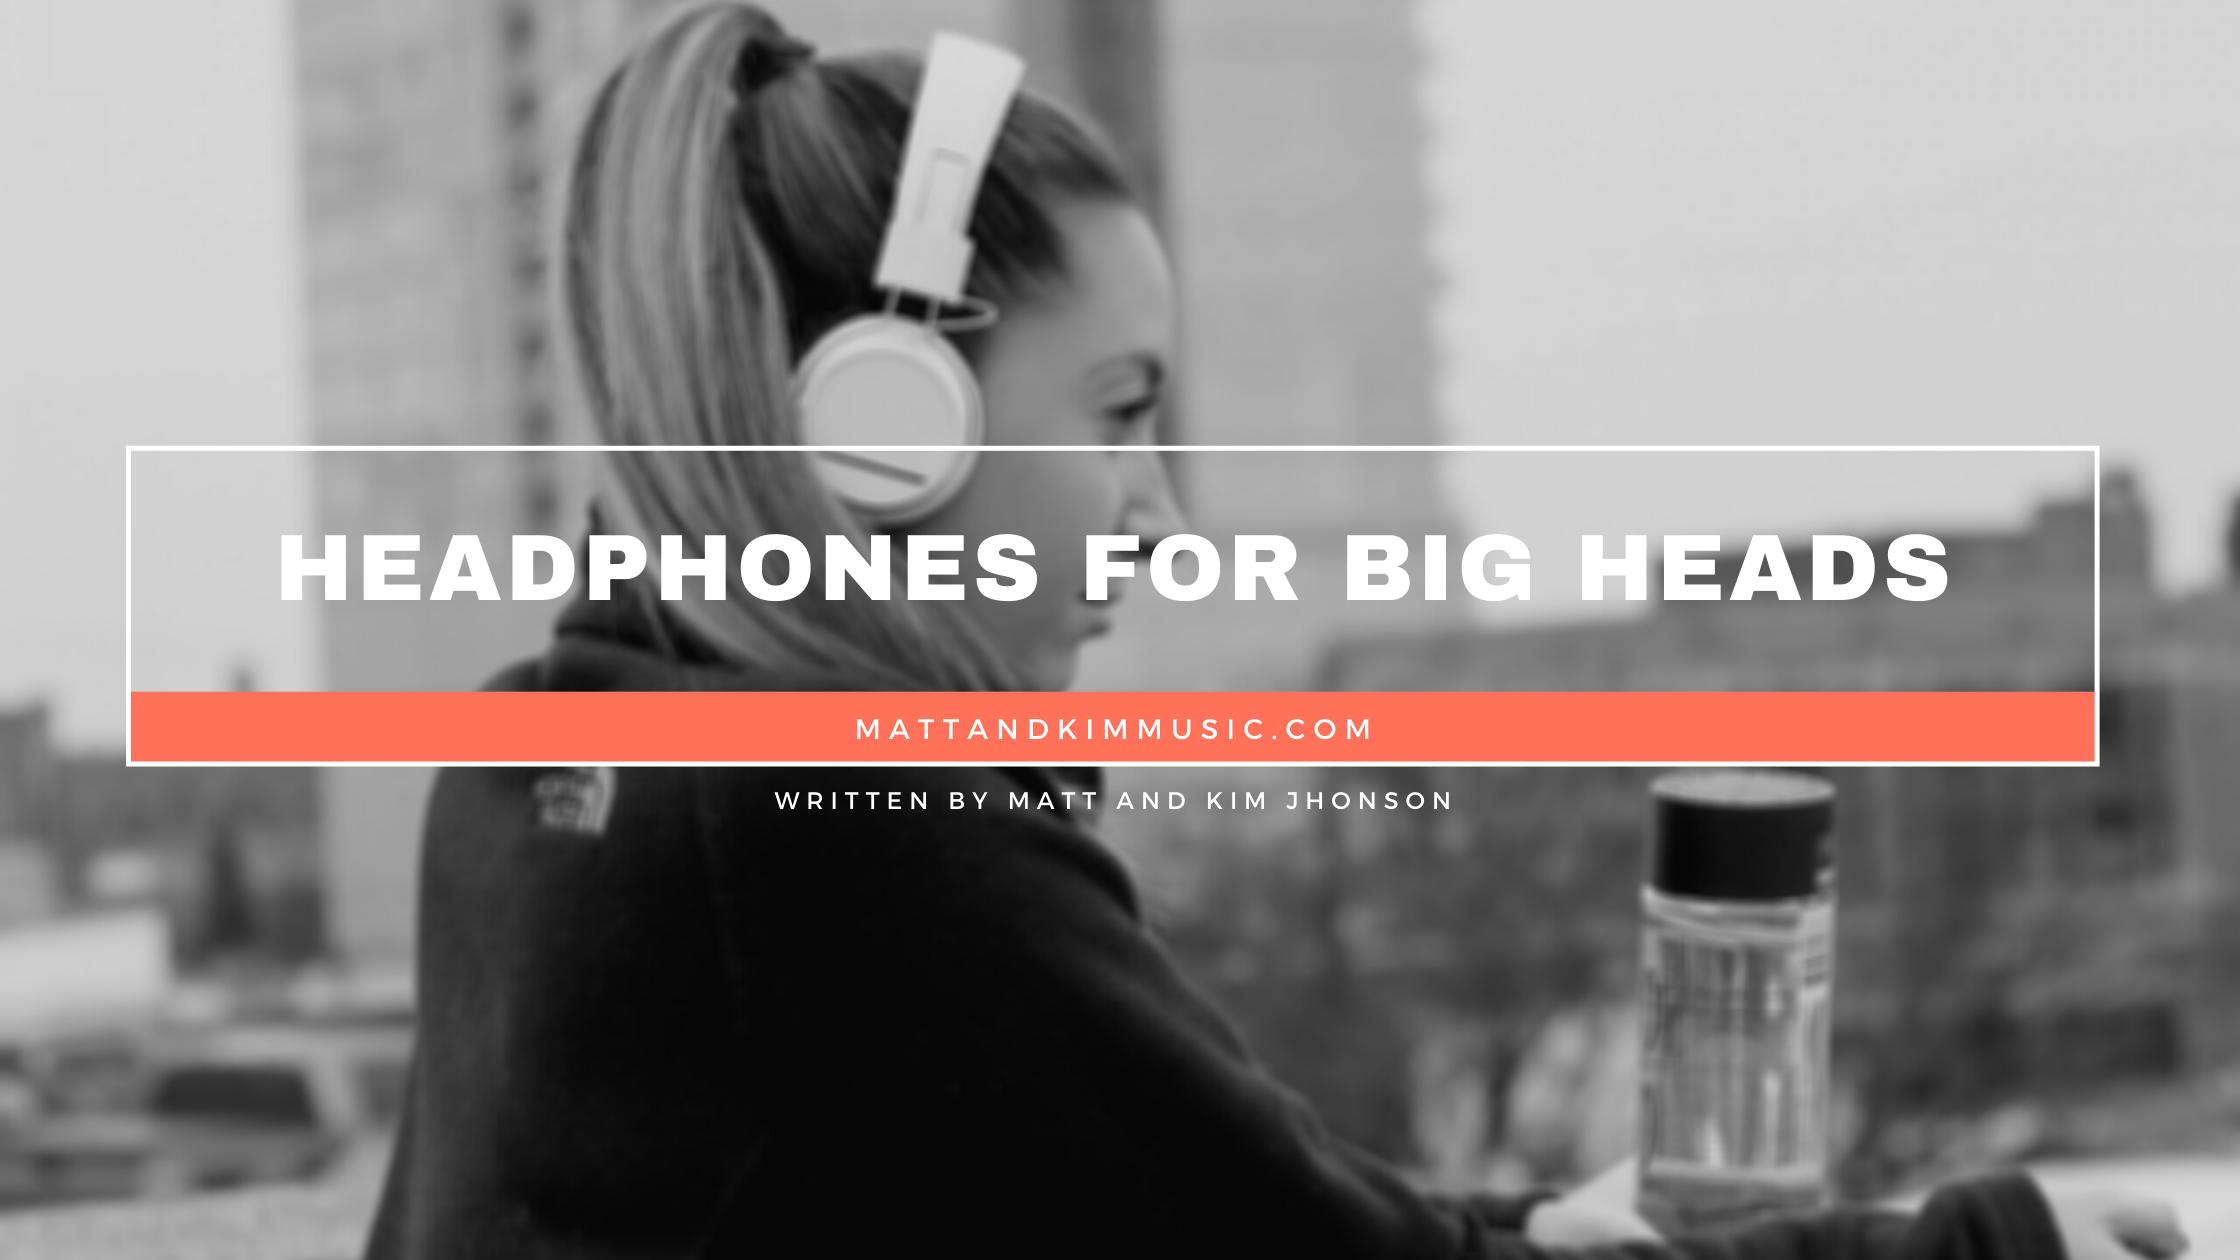 Headphones for Big Heads